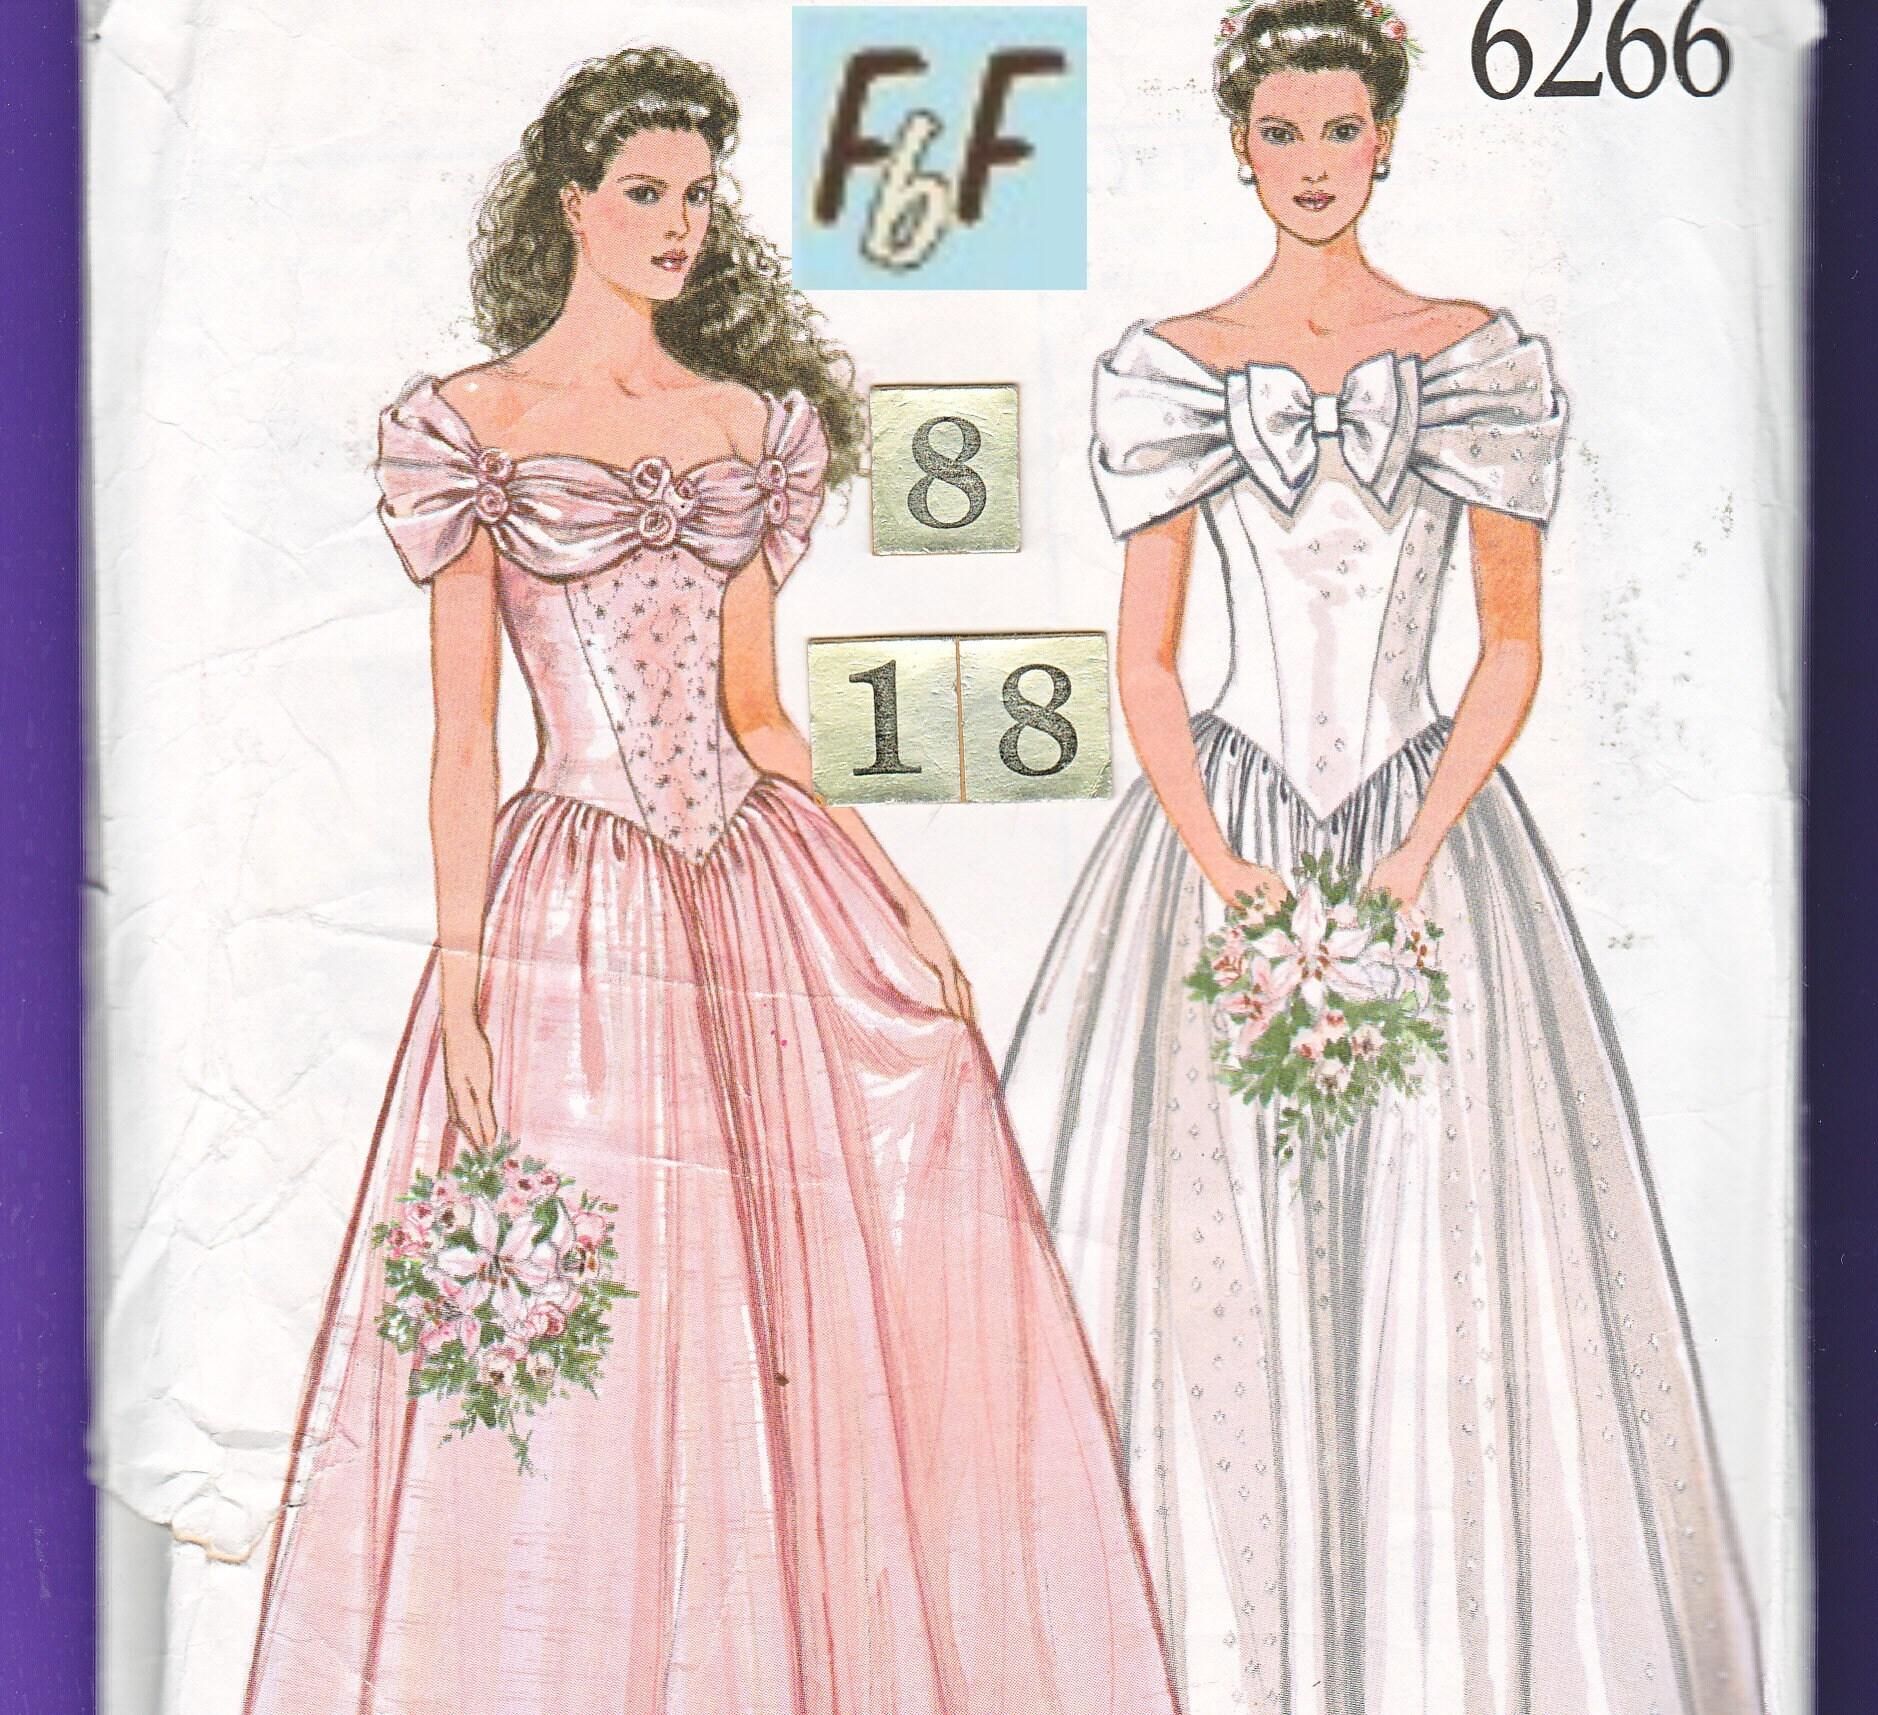 Caída de hombro cintura vestido de boda vestido / nuevo mira 6266 ...